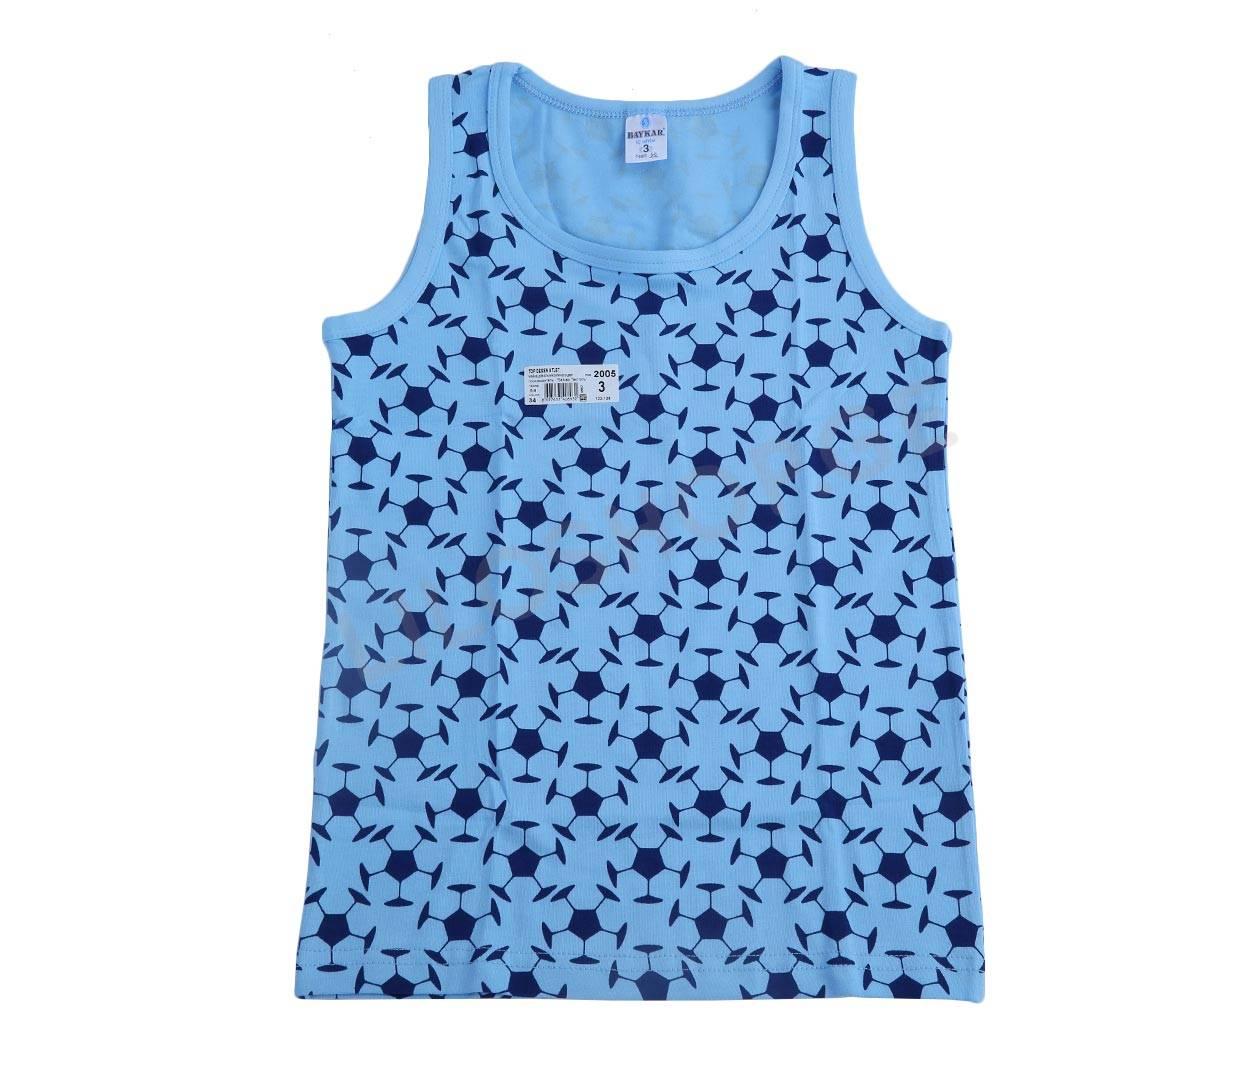 შეიძინე ბიჭის მაისურები ონლაინ - LILOSHOP.GE